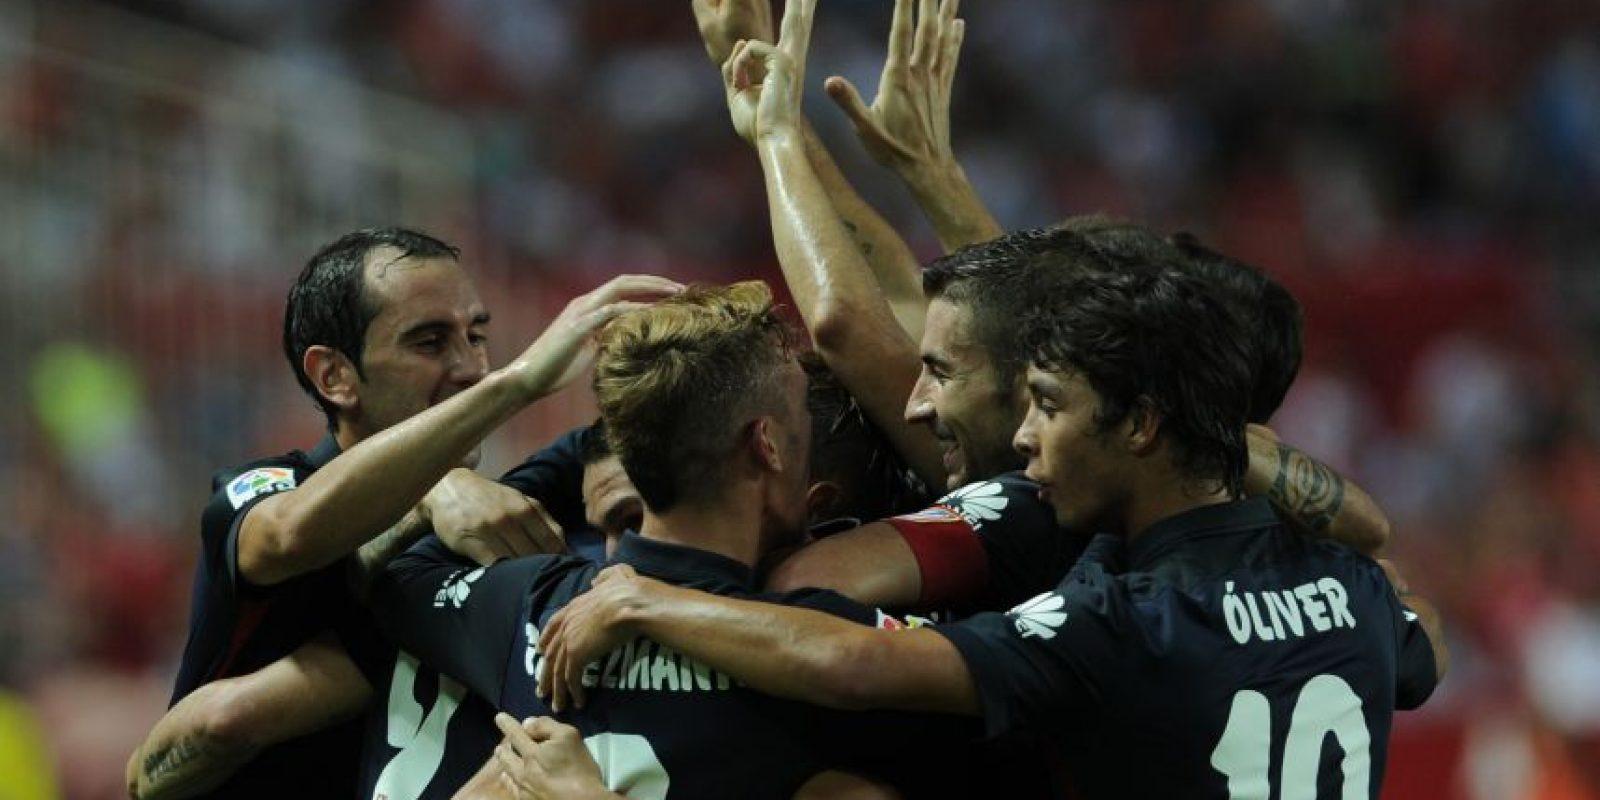 Los jugadores colchoneros celebran un gol. Foto:AFP